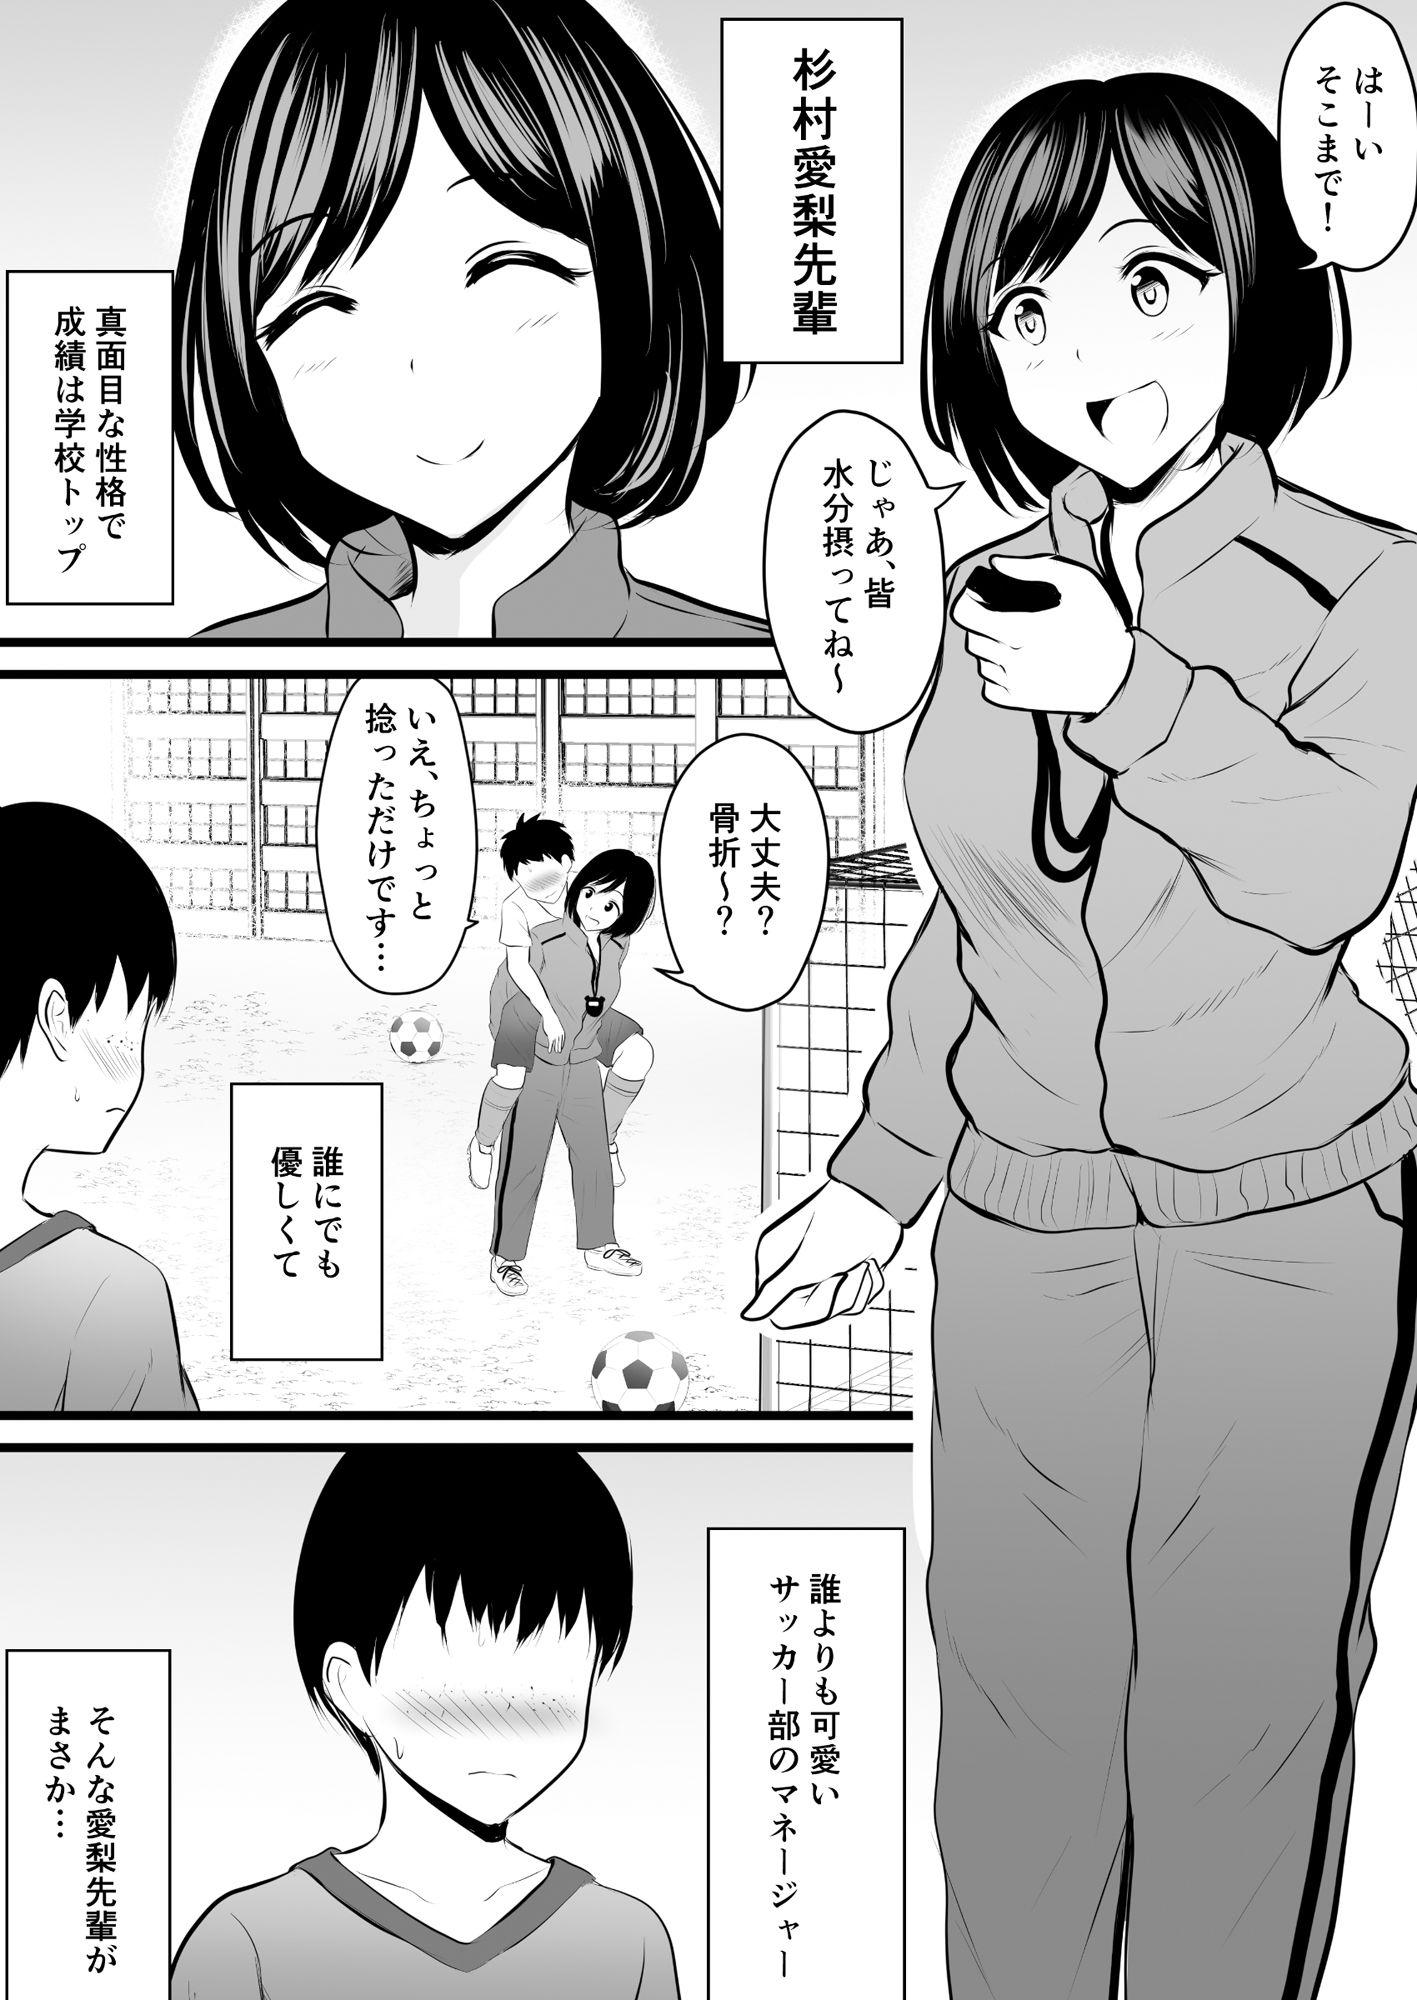 【エロ漫画無料大全集】まじめで優しい先輩マネージャーさんが凄いエッチな裏垢女子でしたwww